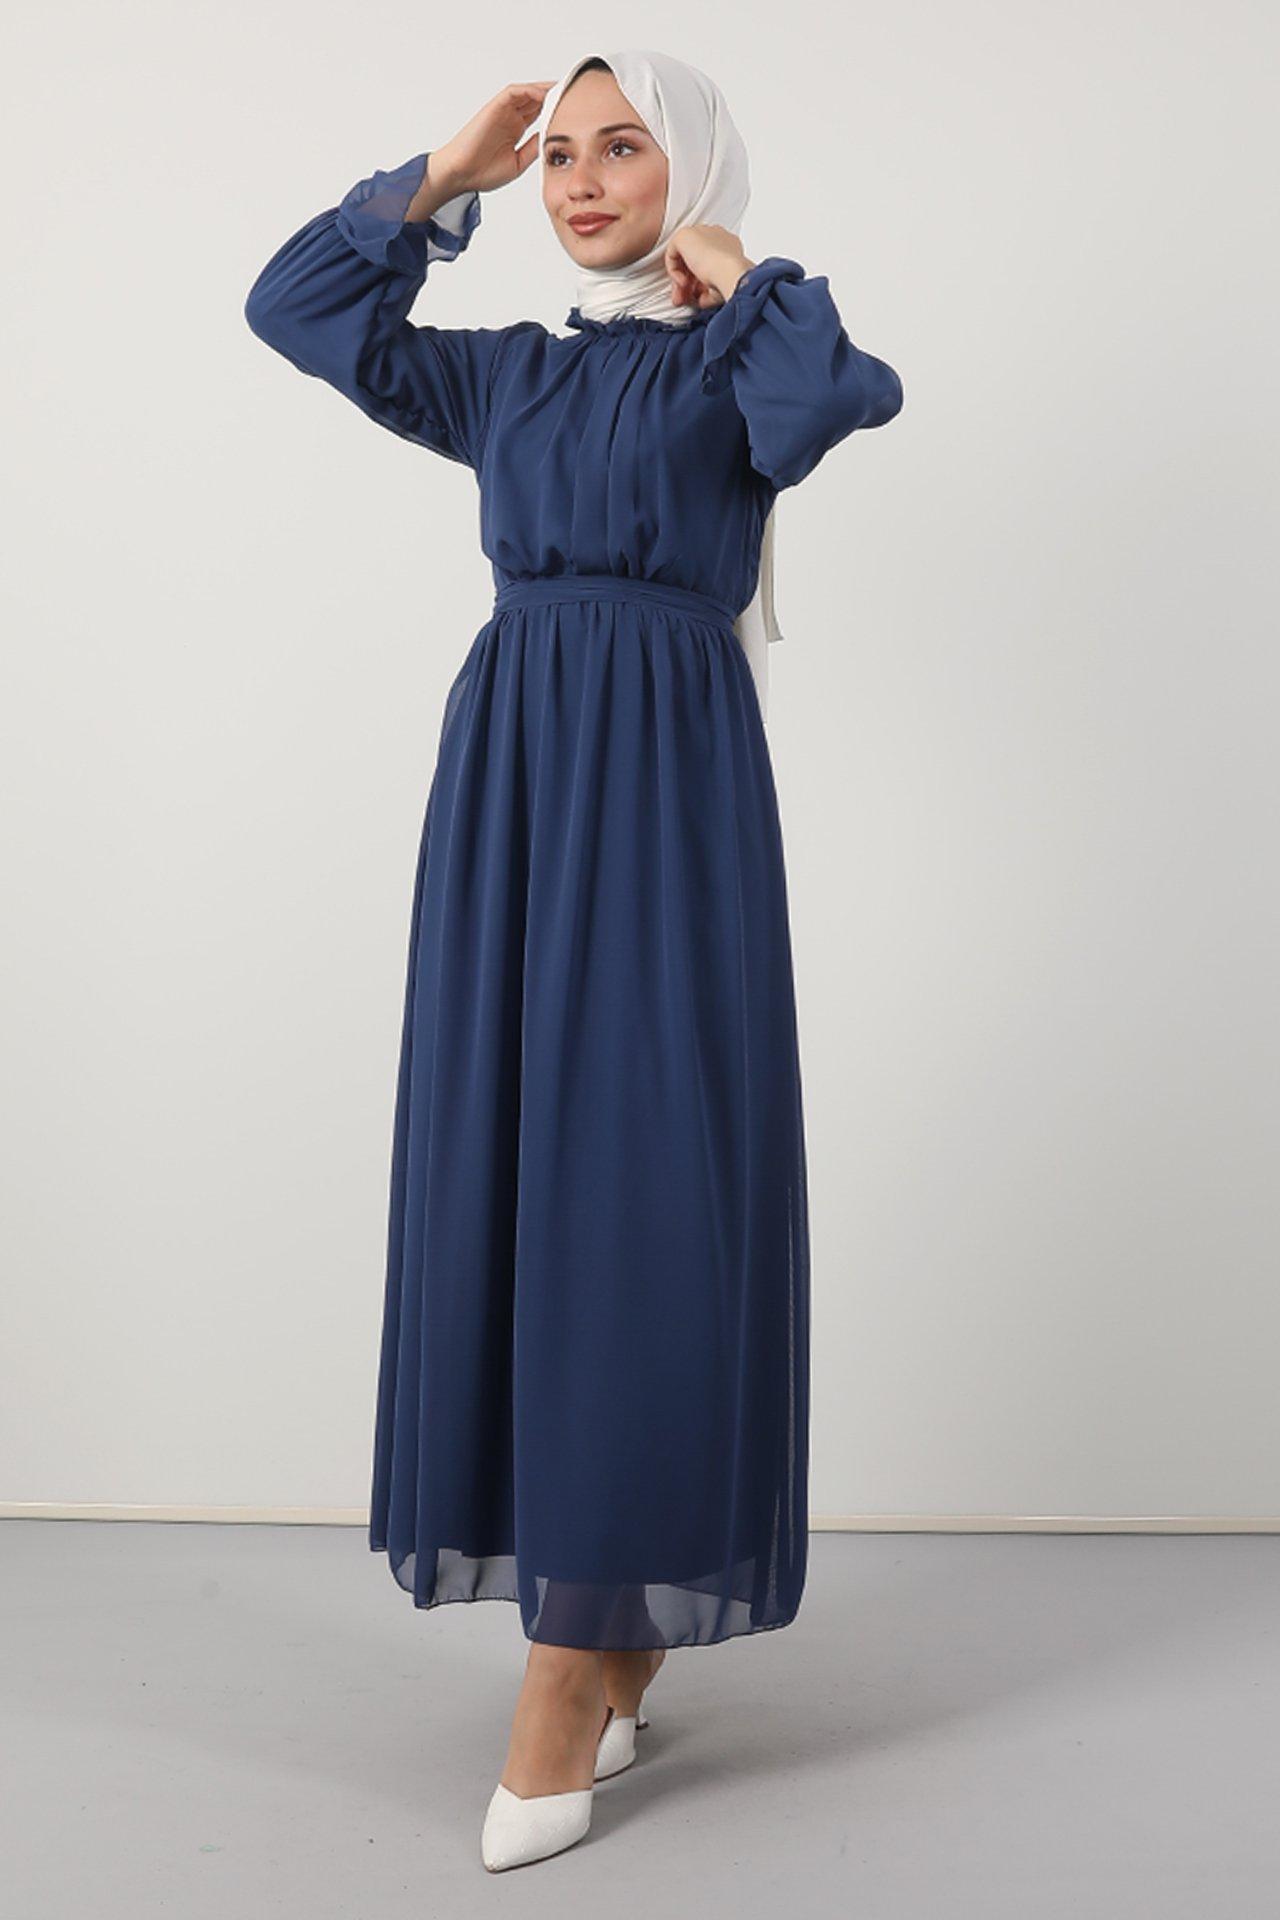 GİZAGİYİM - Giza Kol Boyun Fırfır Tesettür Elbise Mavi